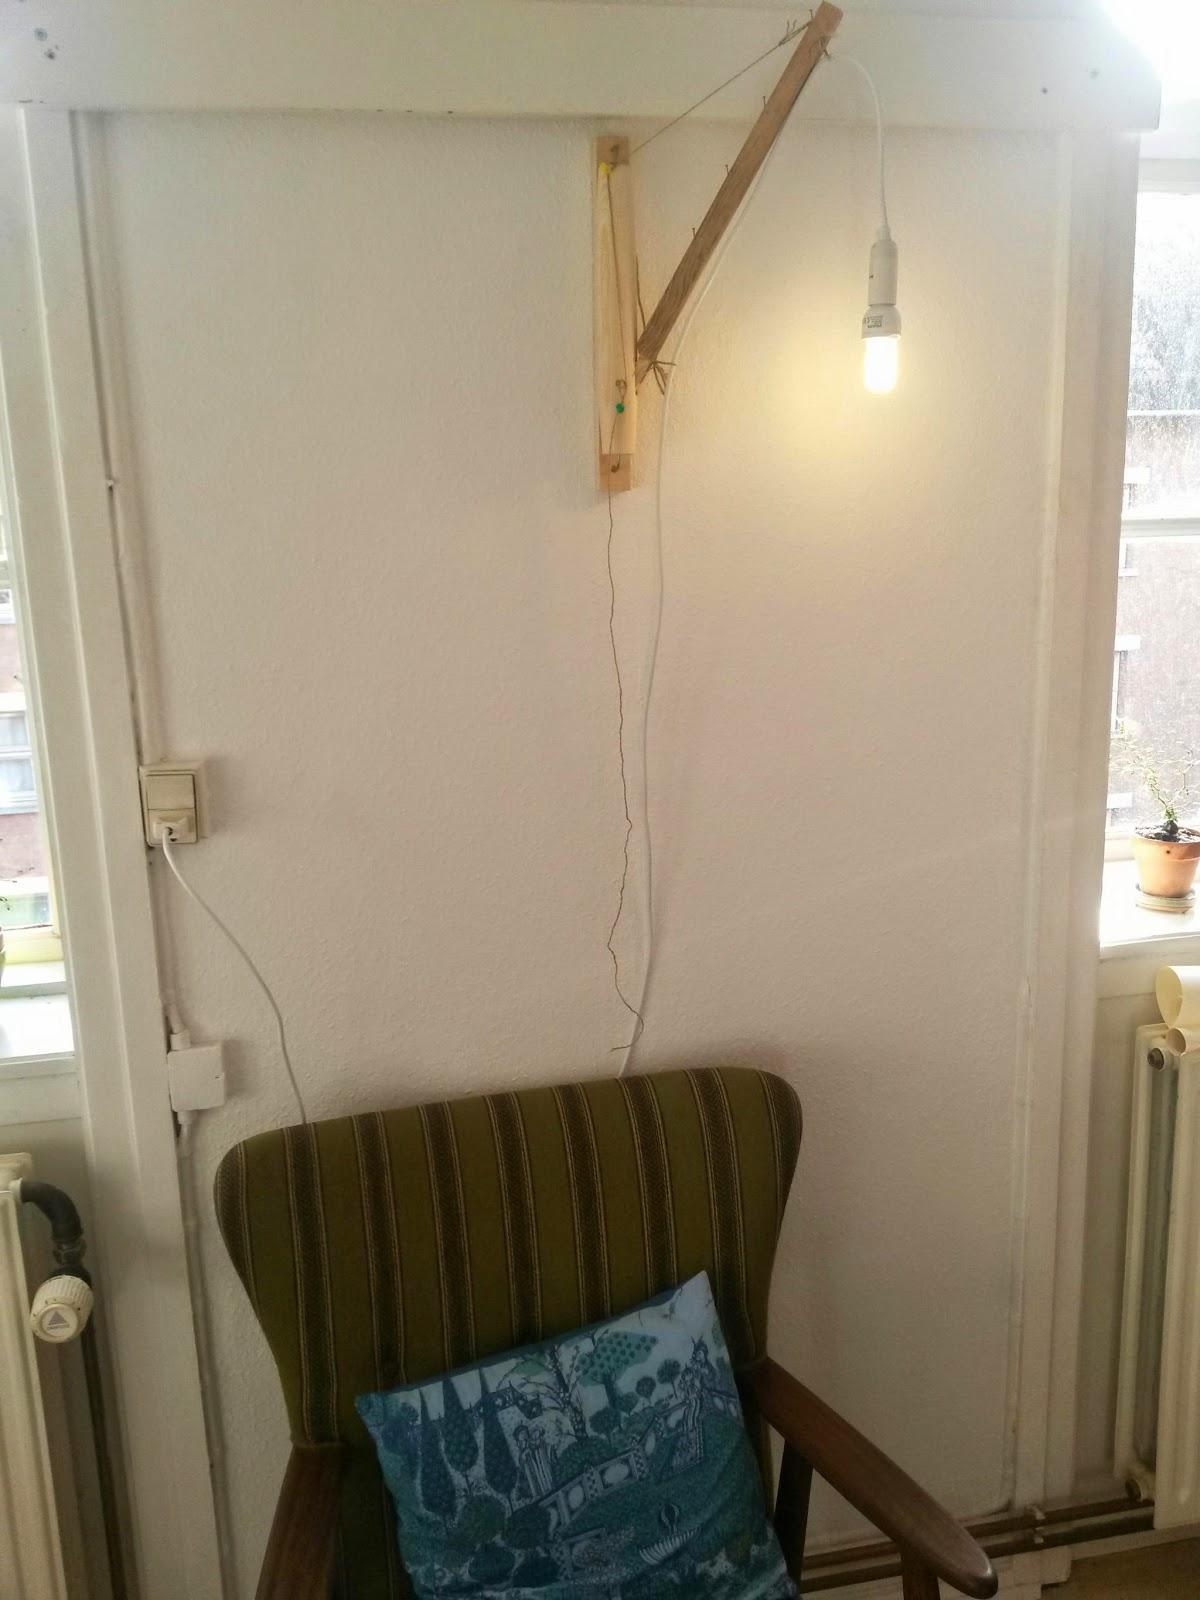 Mikkels dejlige blog: studieprodukt 3 -lampe